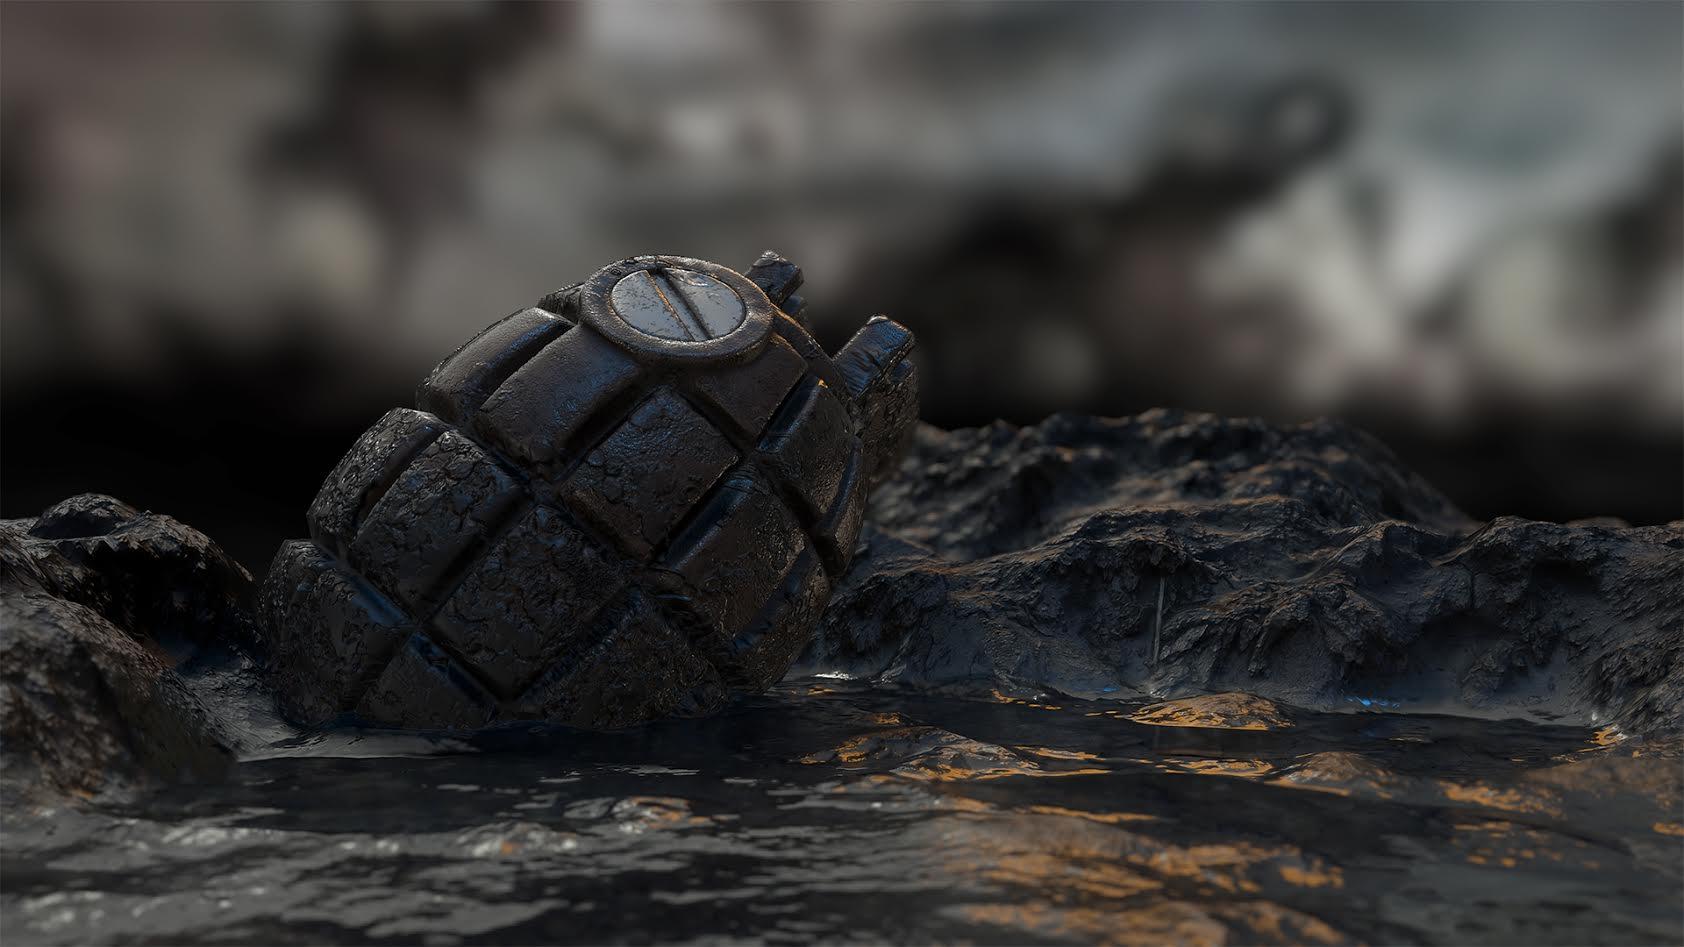 Гражданин Канска отыскал боевую гранату времен Первой мировой войны